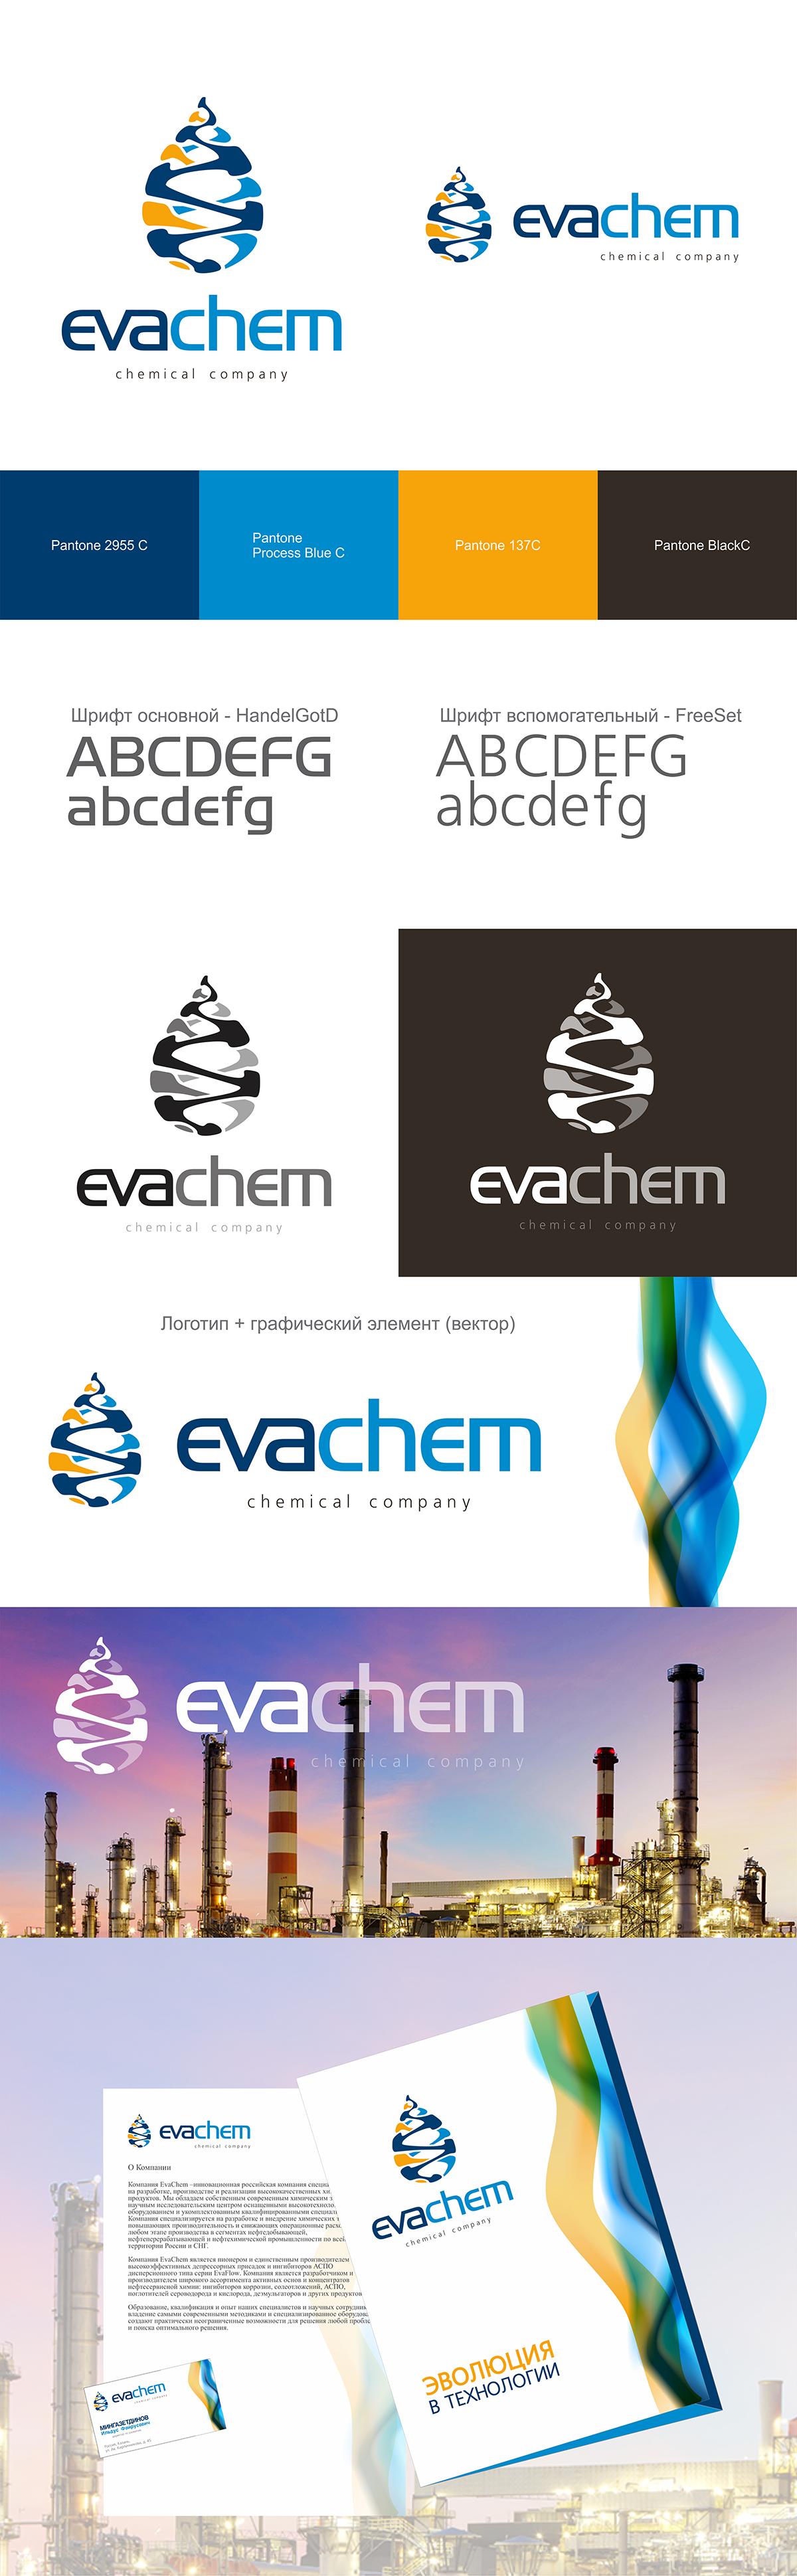 Разработка логотипа и фирменного стиля компании фото f_9145736f8d856957.png